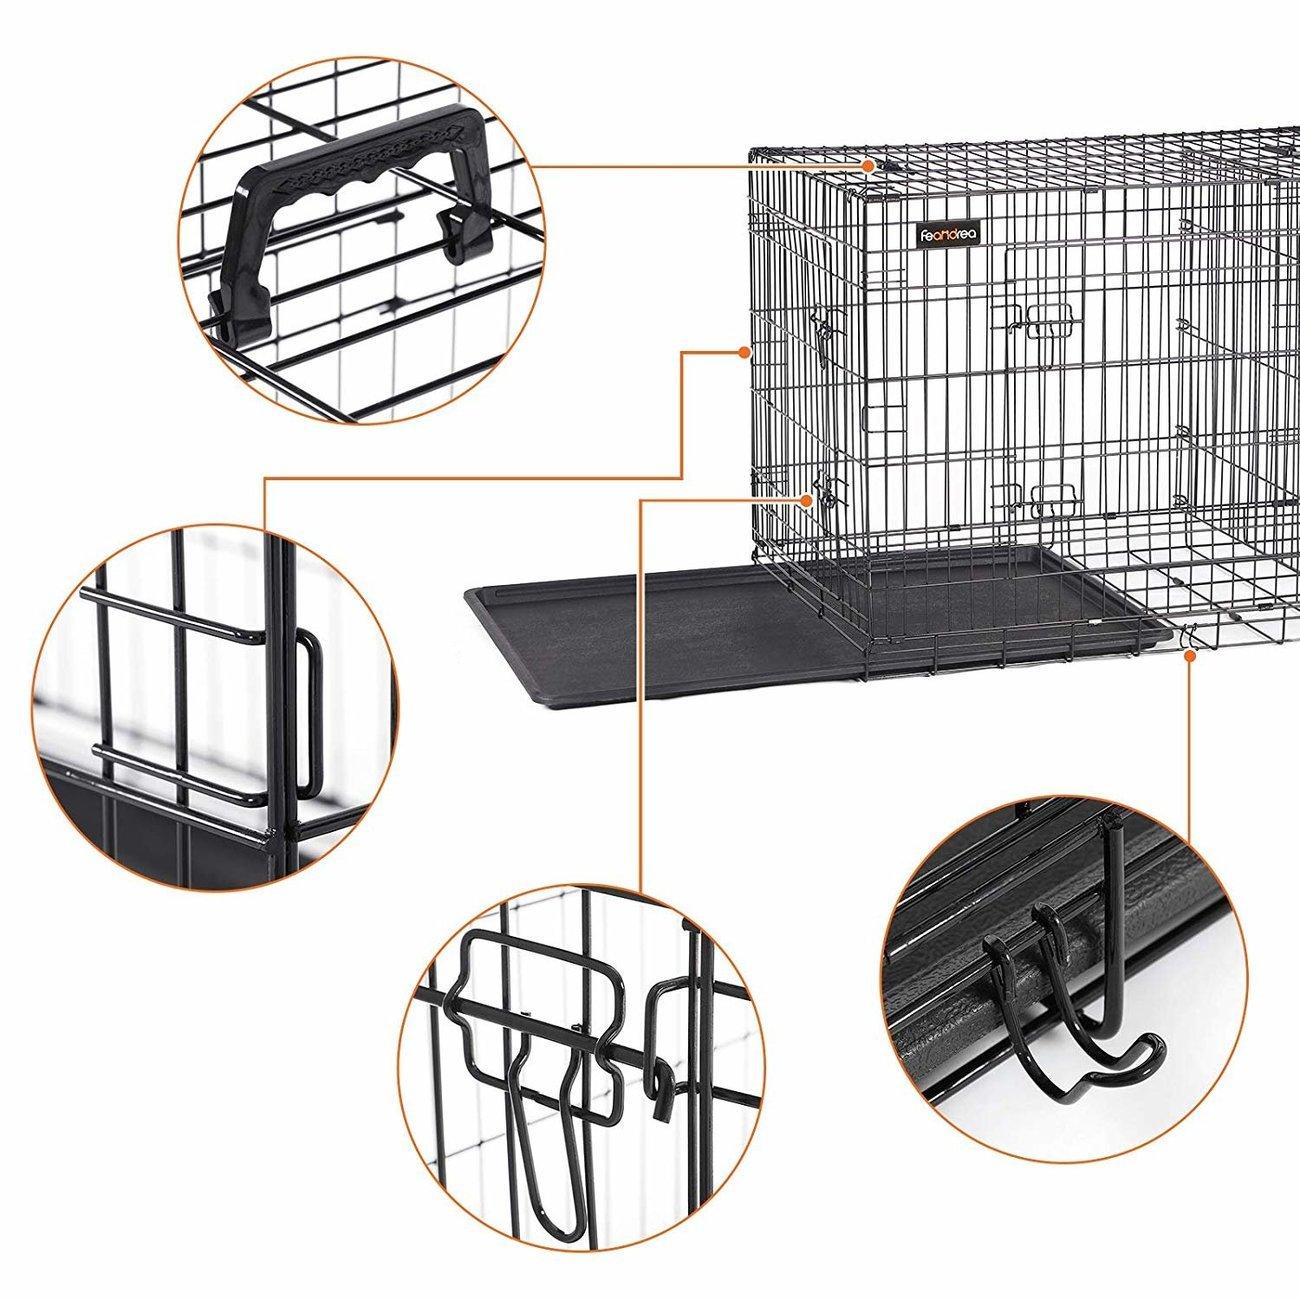 FEANDREA Hundekäfig, Hundebox mit Trennwand, 2 Türen, Bild 5